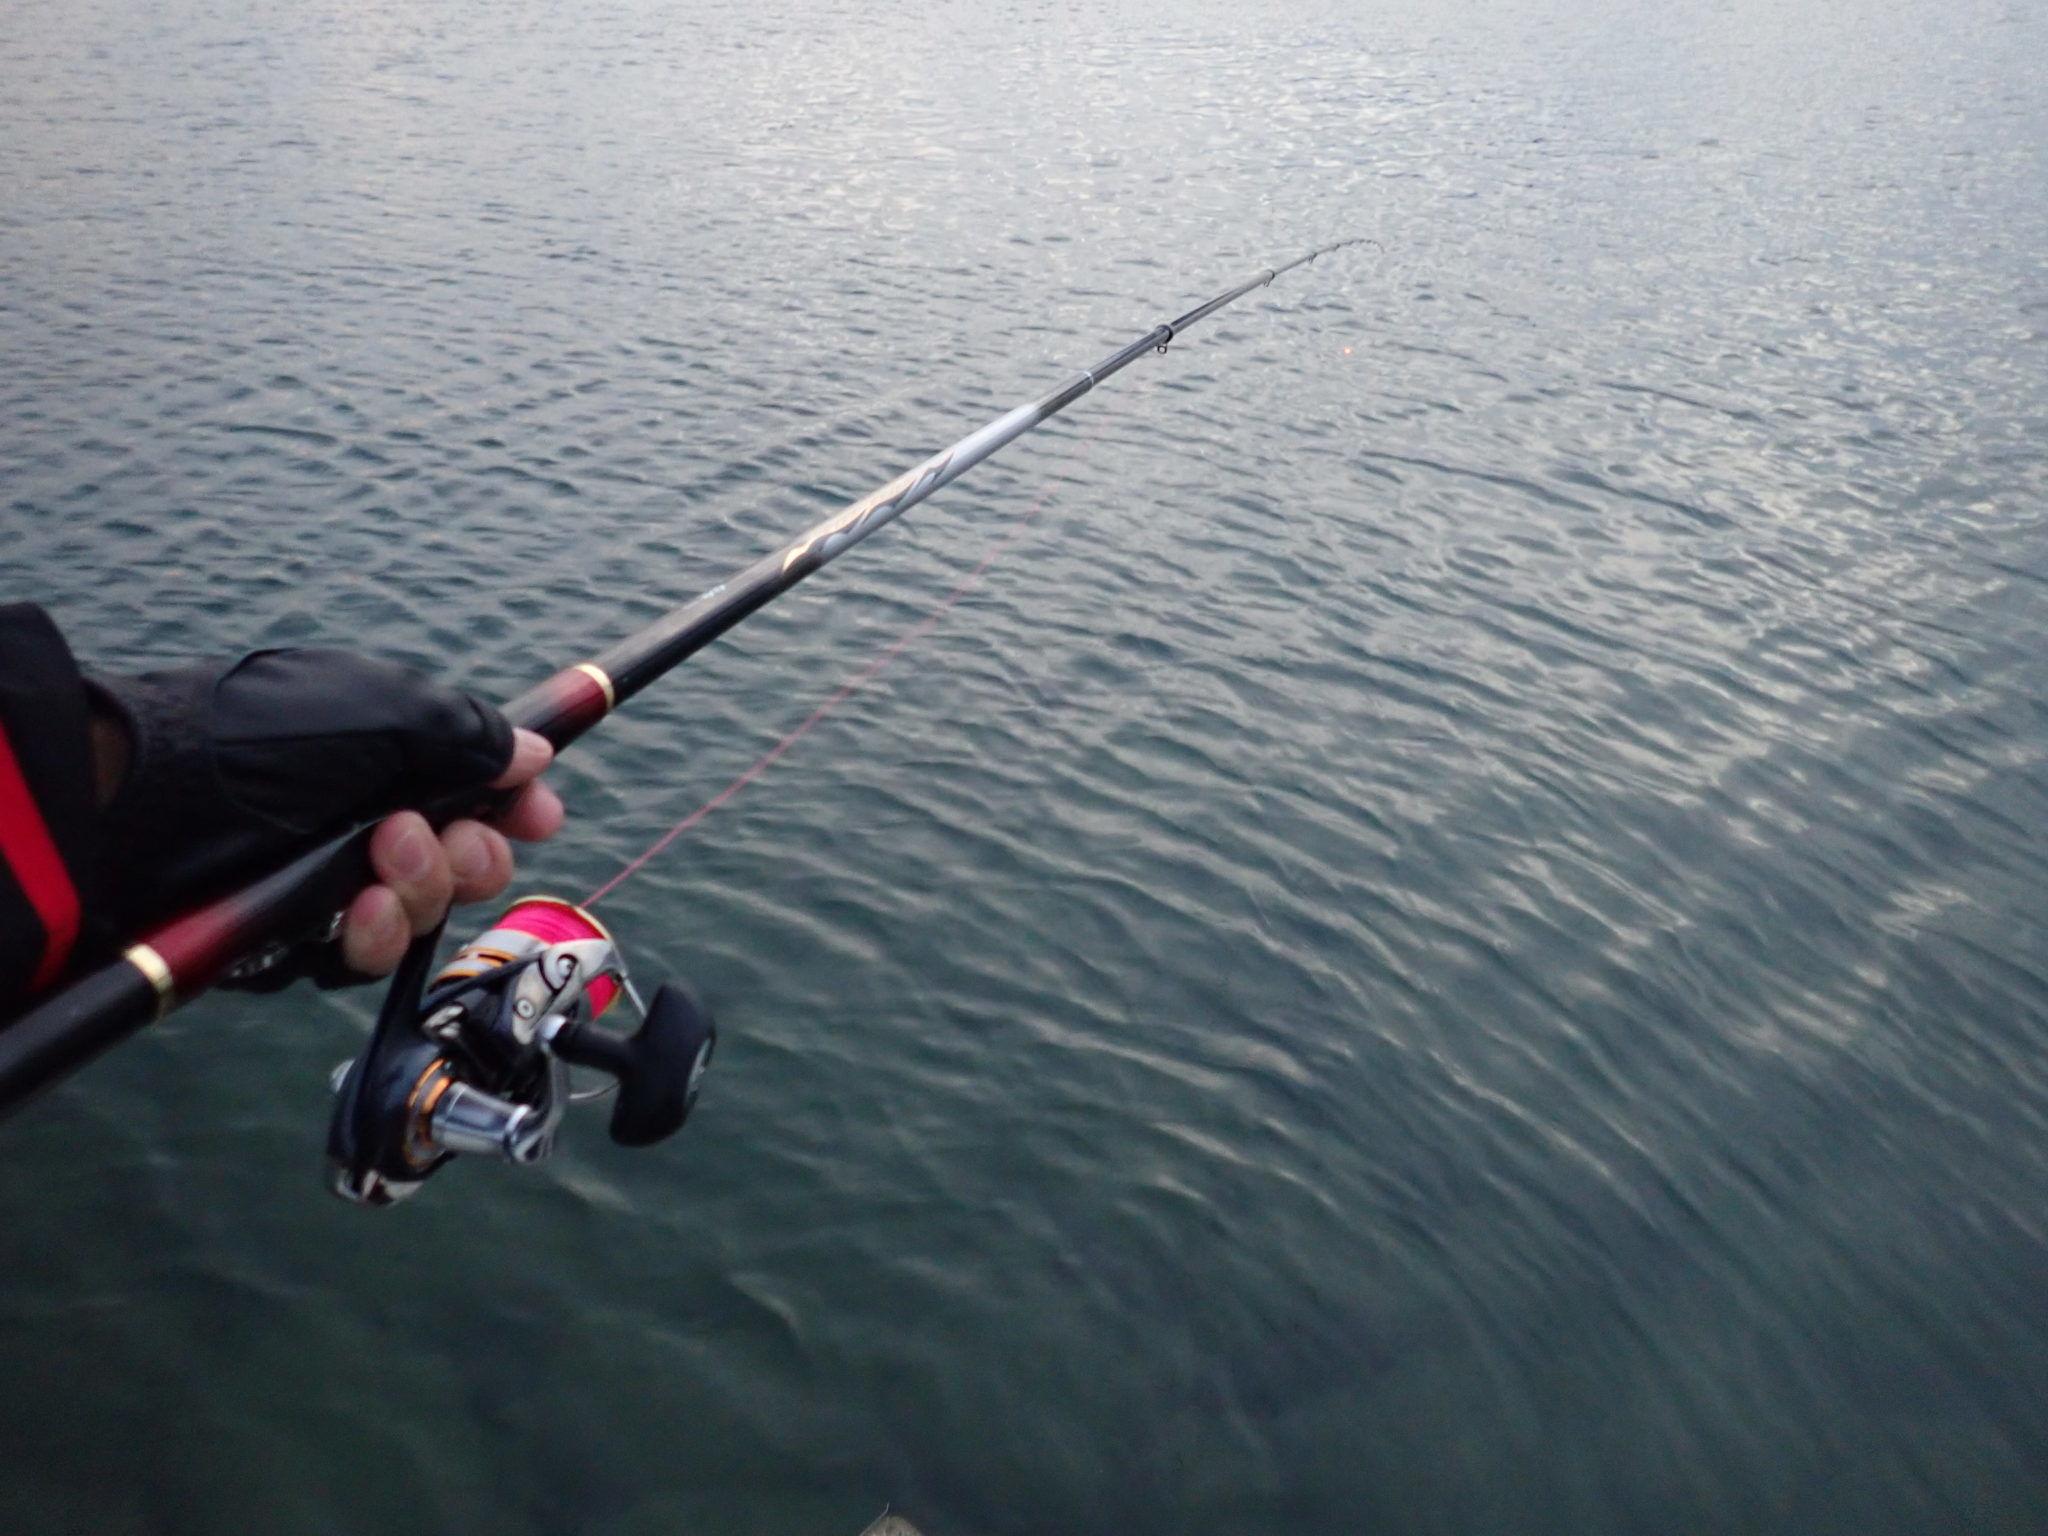 半夜釣りで狙う秋のチヌフカセ釣り!手頃サイズが荒食いする